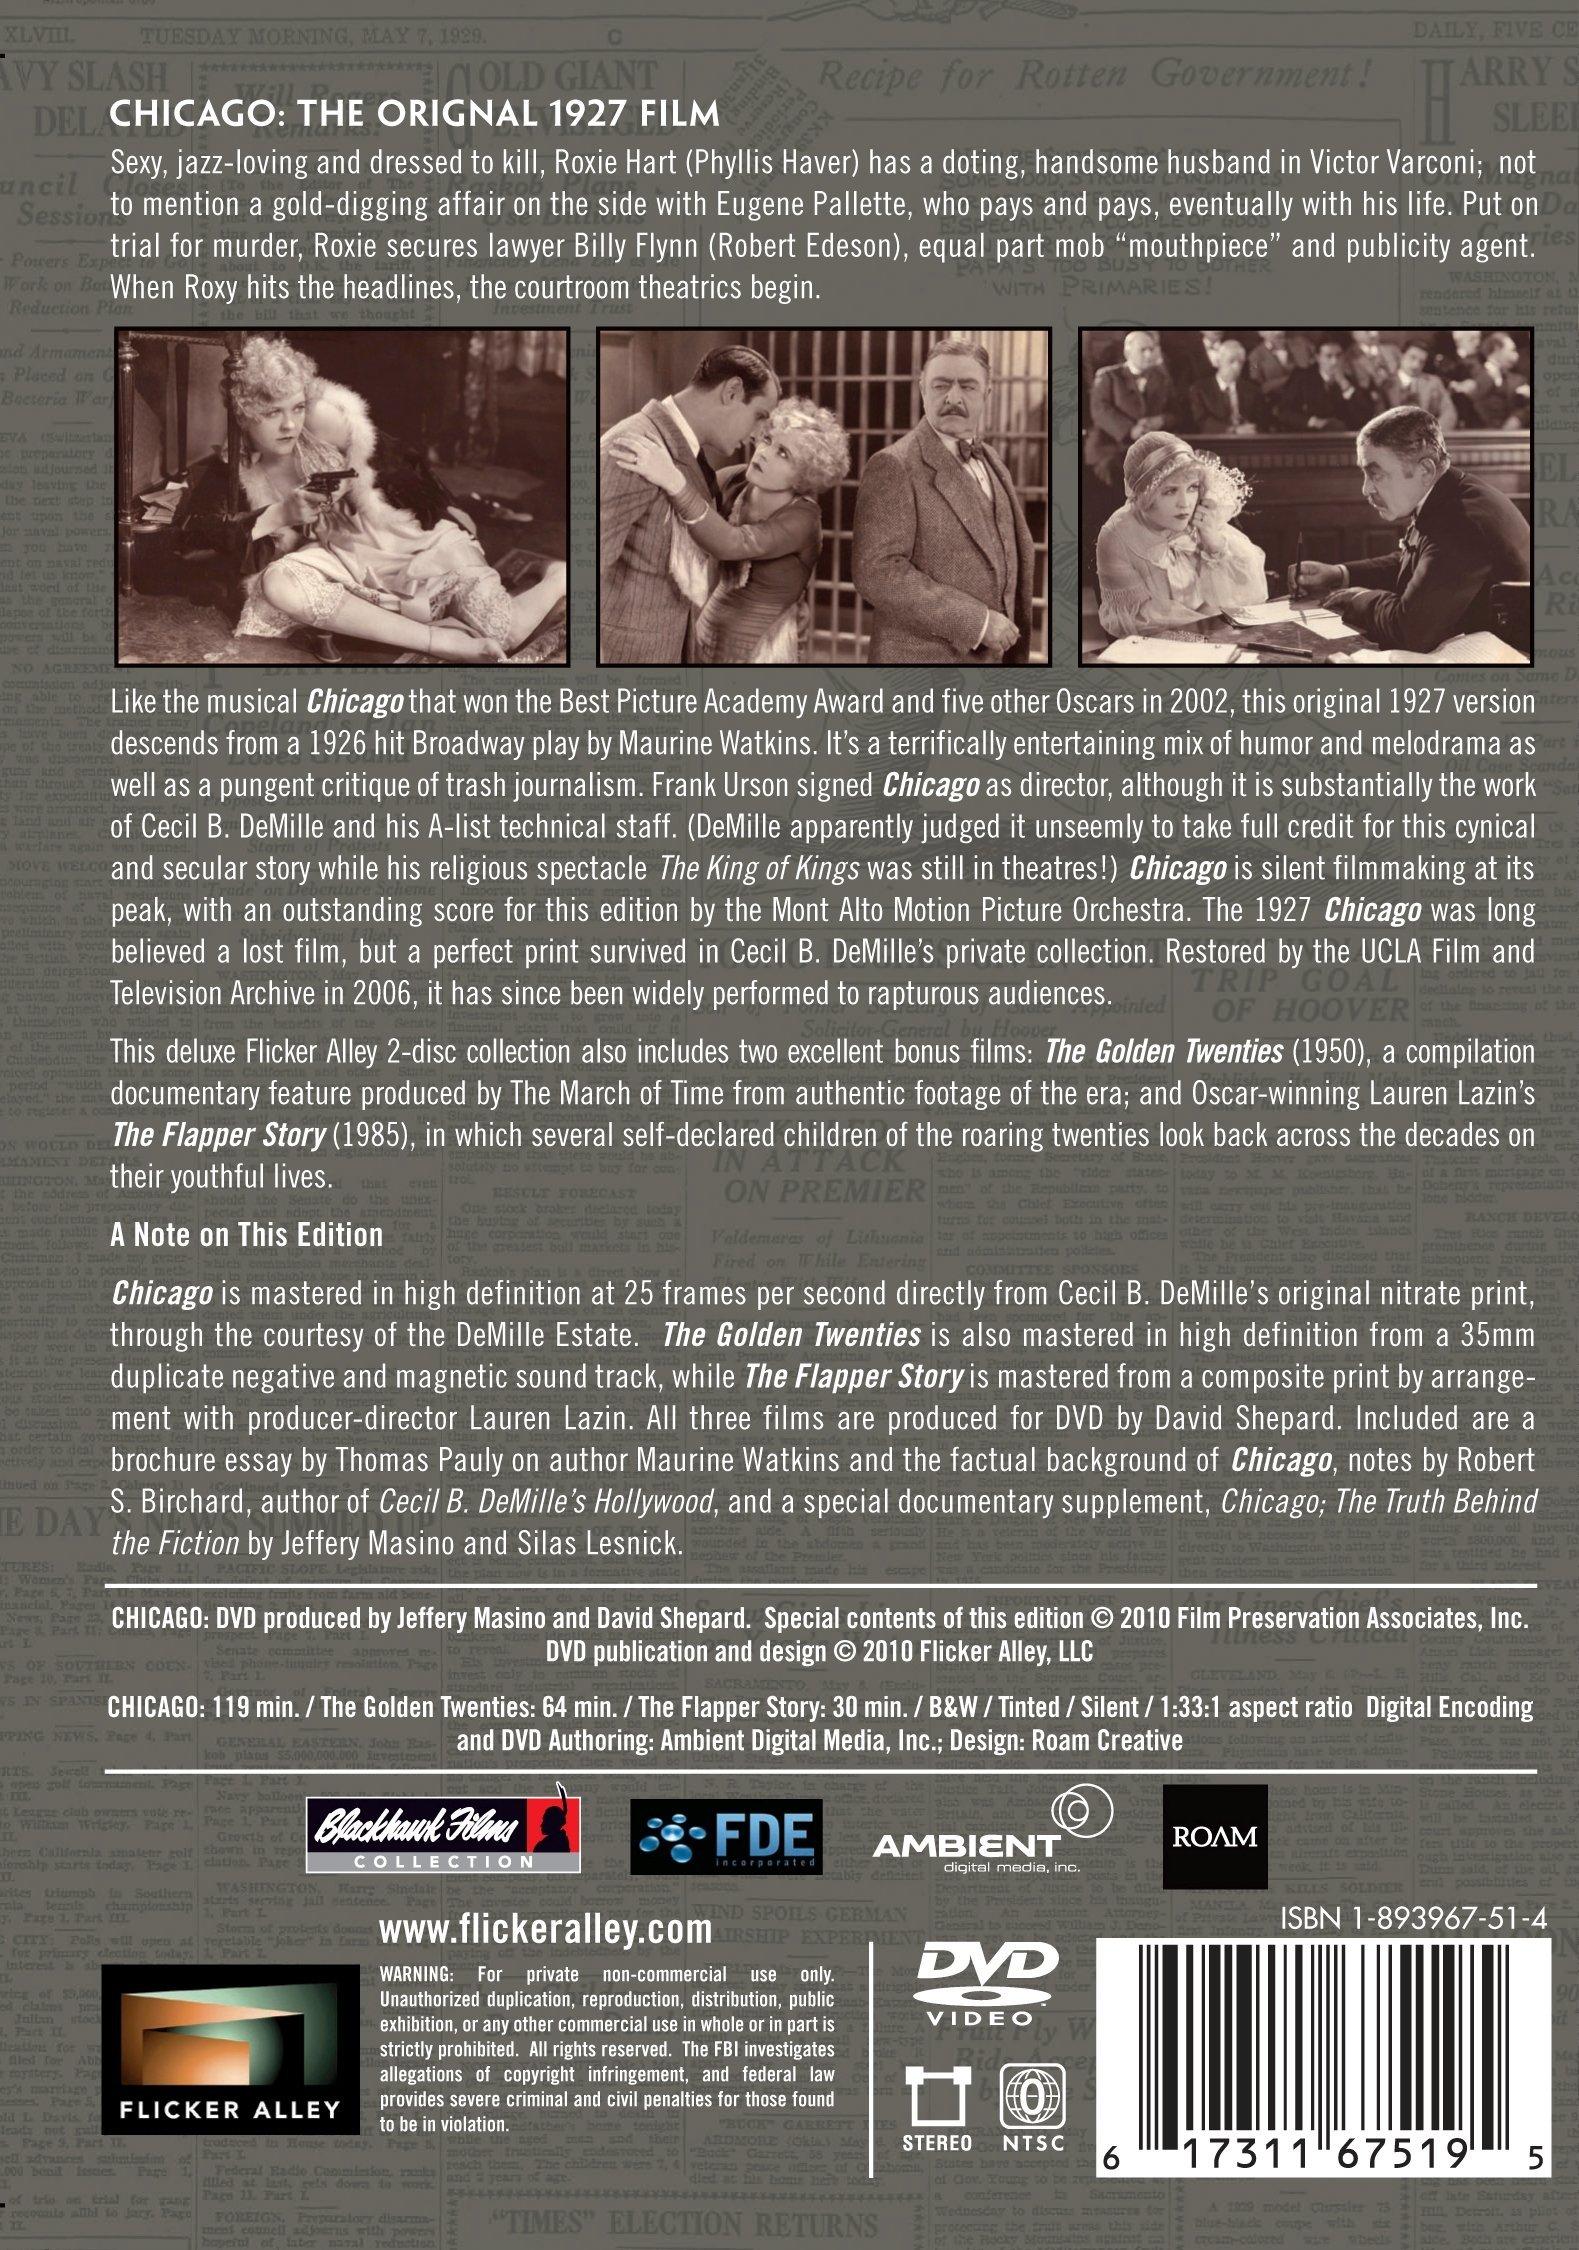 CHICAGO The Original 1927 Film Restored by Flicker Alley LLC